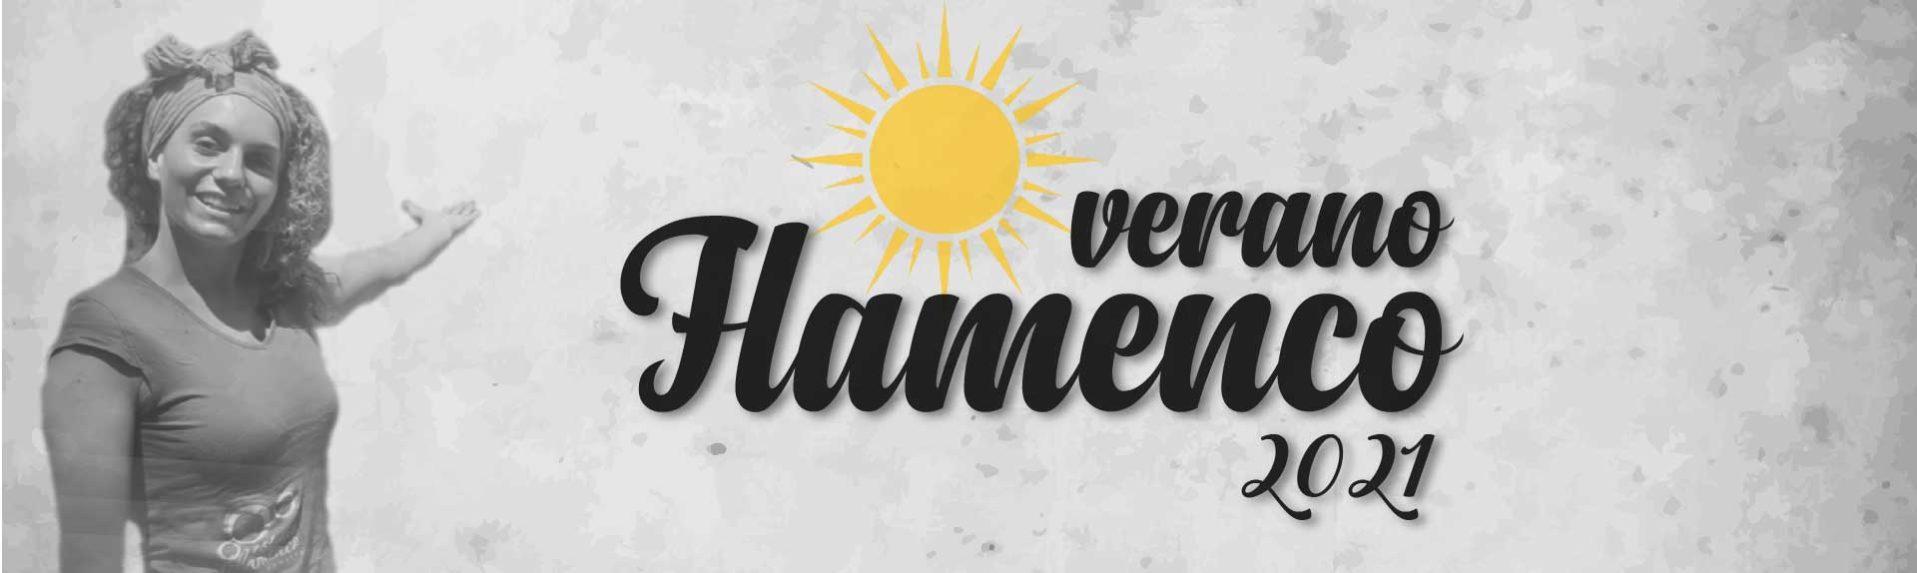 verano flamenco 2021